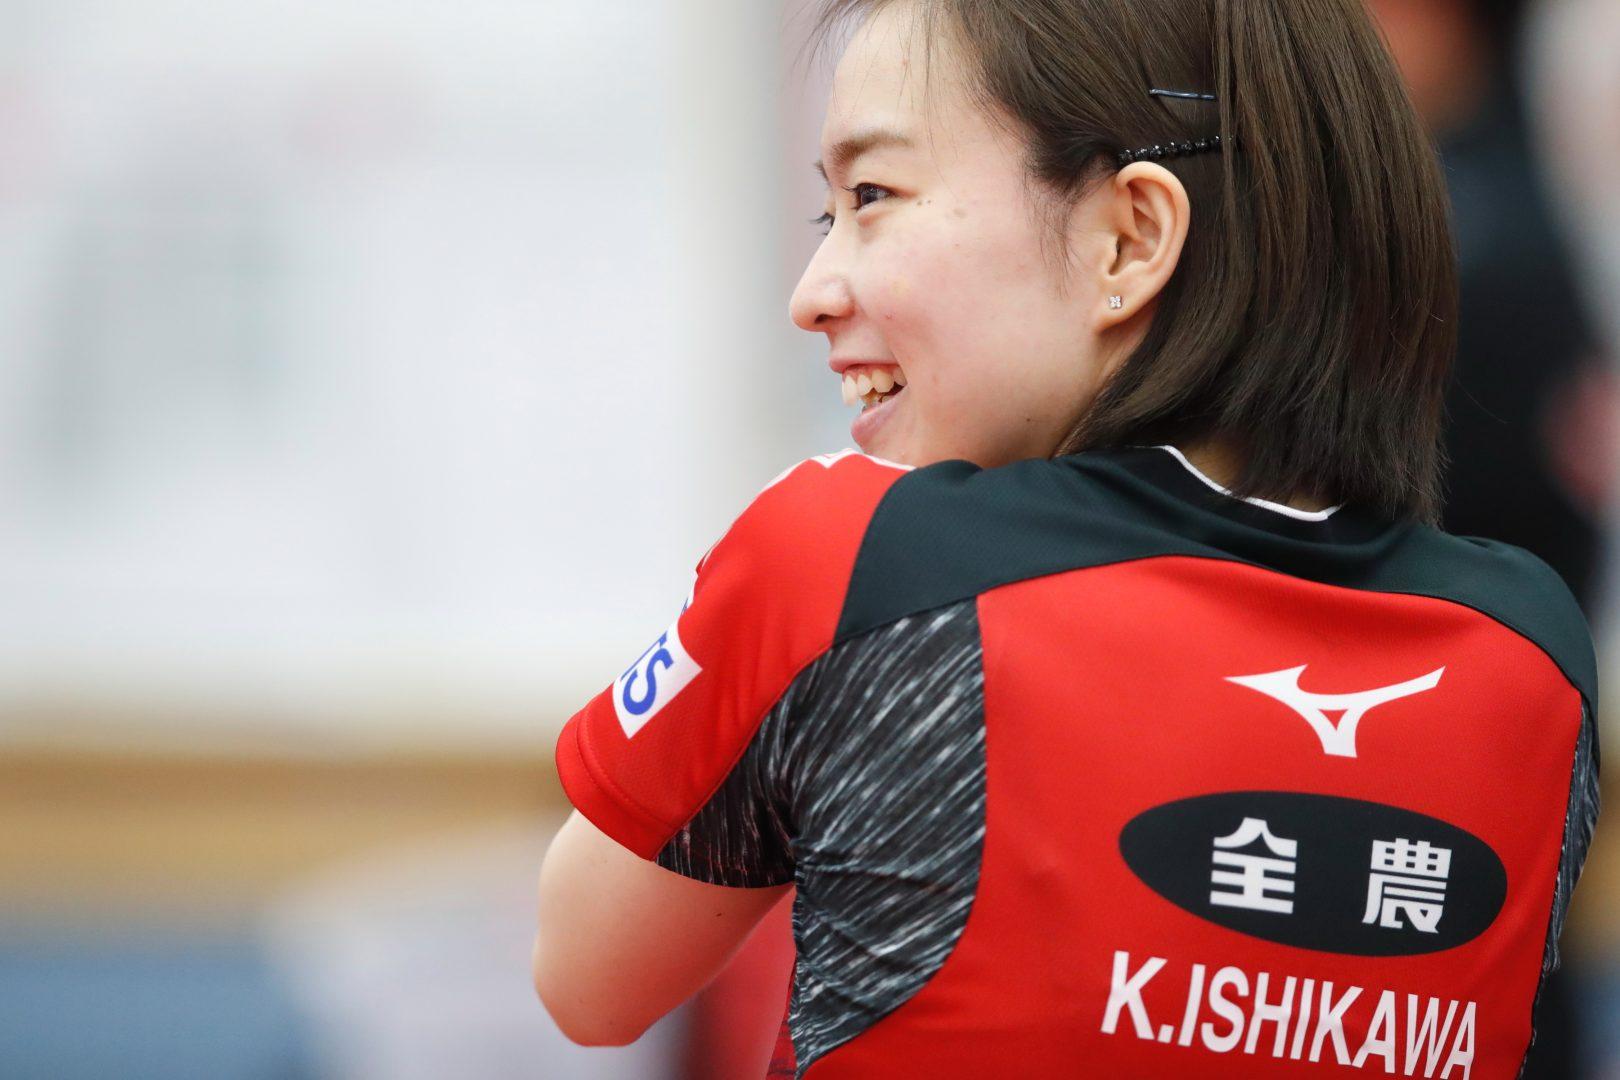 「石川佳純カレー」の先行販売が決定 卓球・全農杯全日本ホカバ会場で